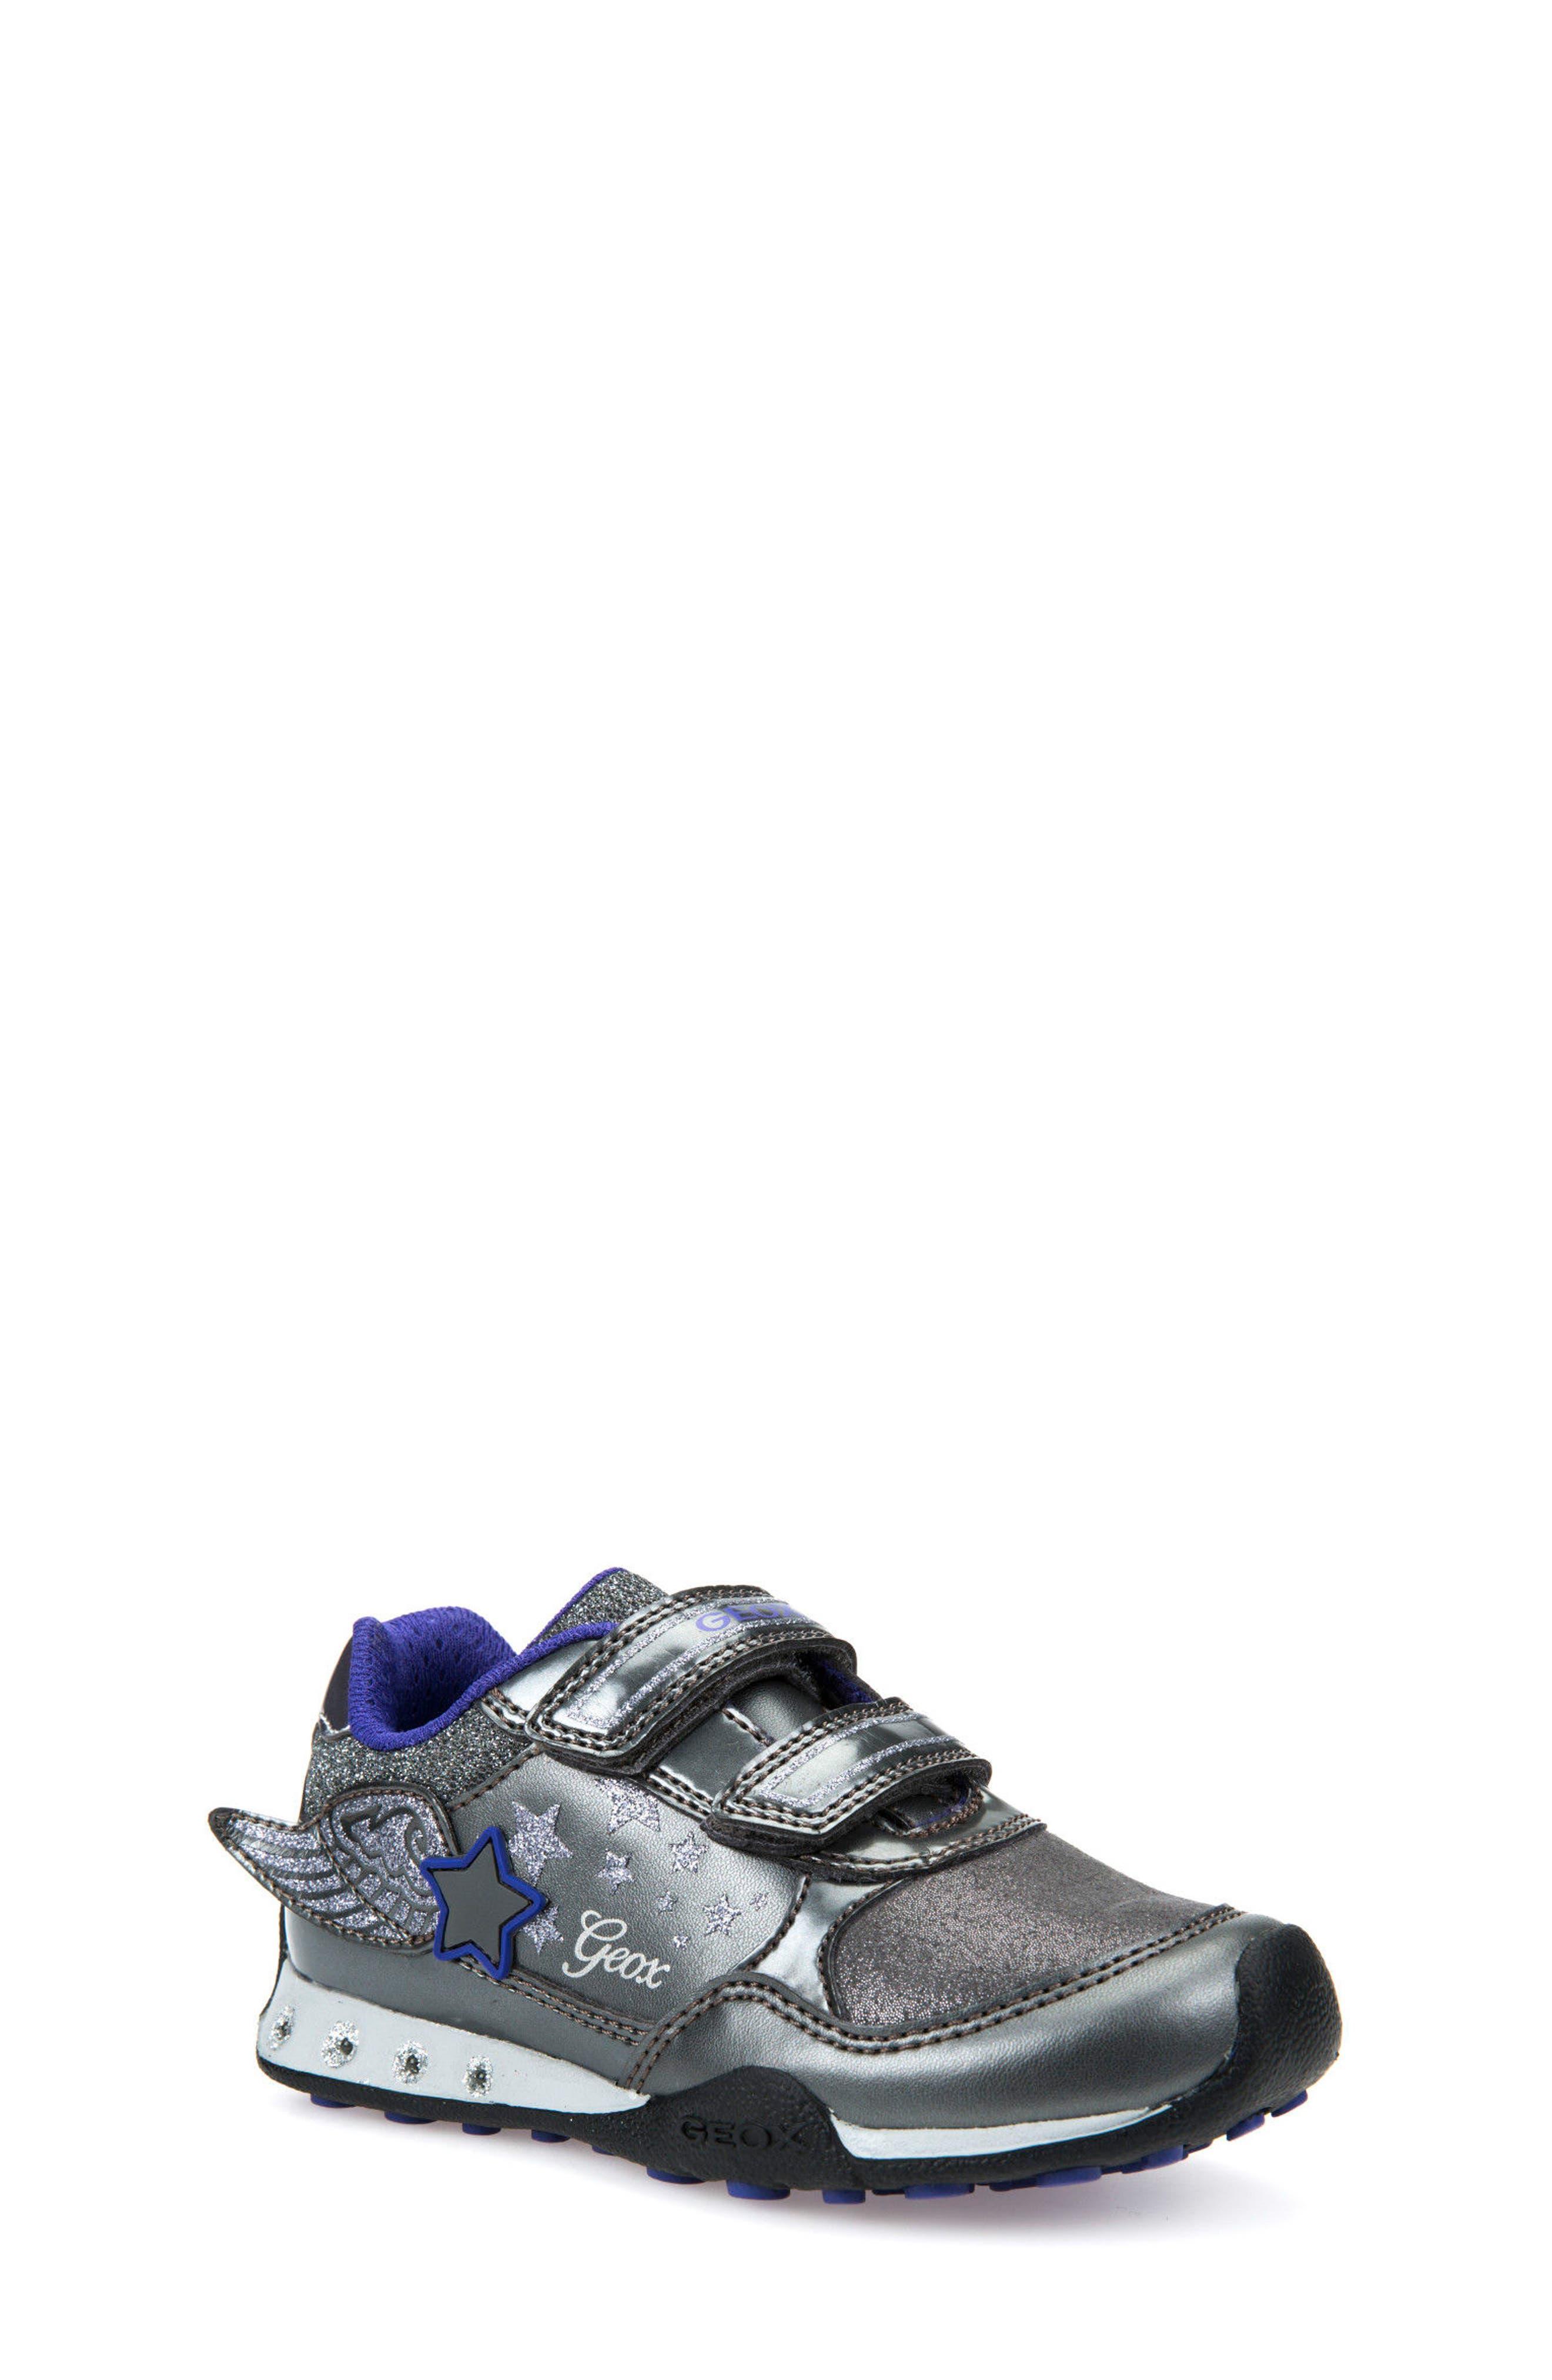 Geox New Jocker Winged Sneaker (Toddler, Little Kid & Big Kid)